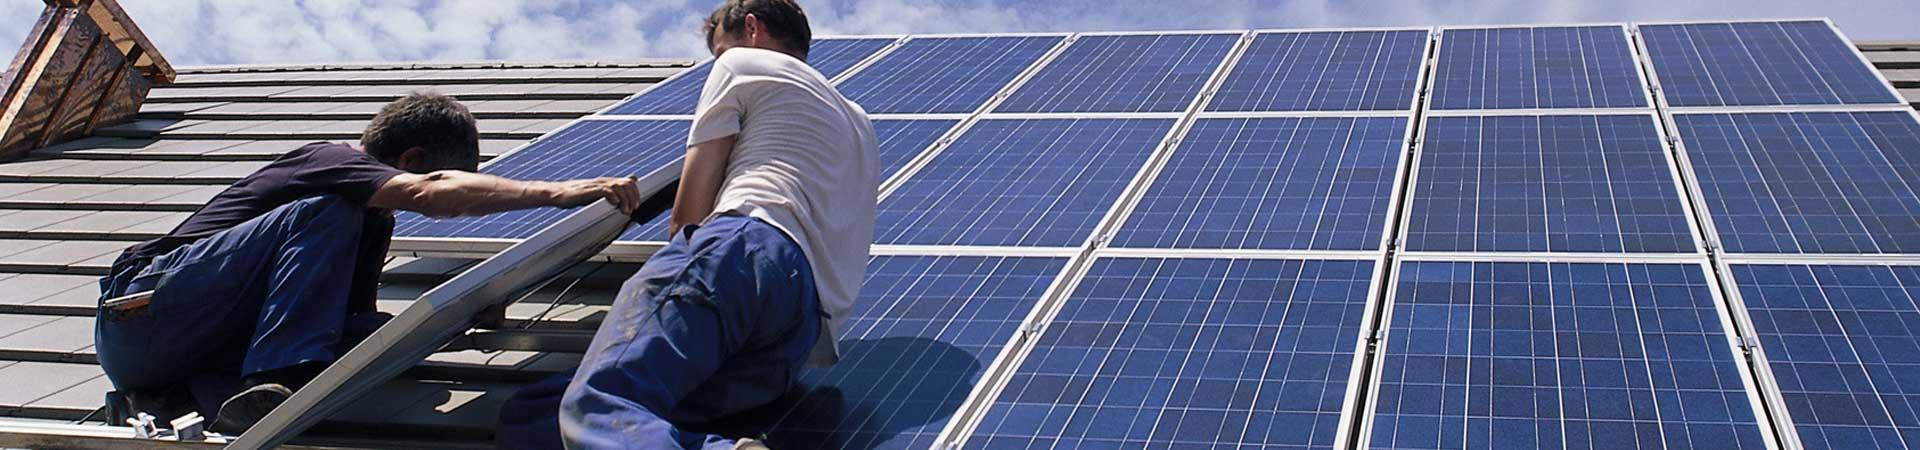 Power generation, solar installation